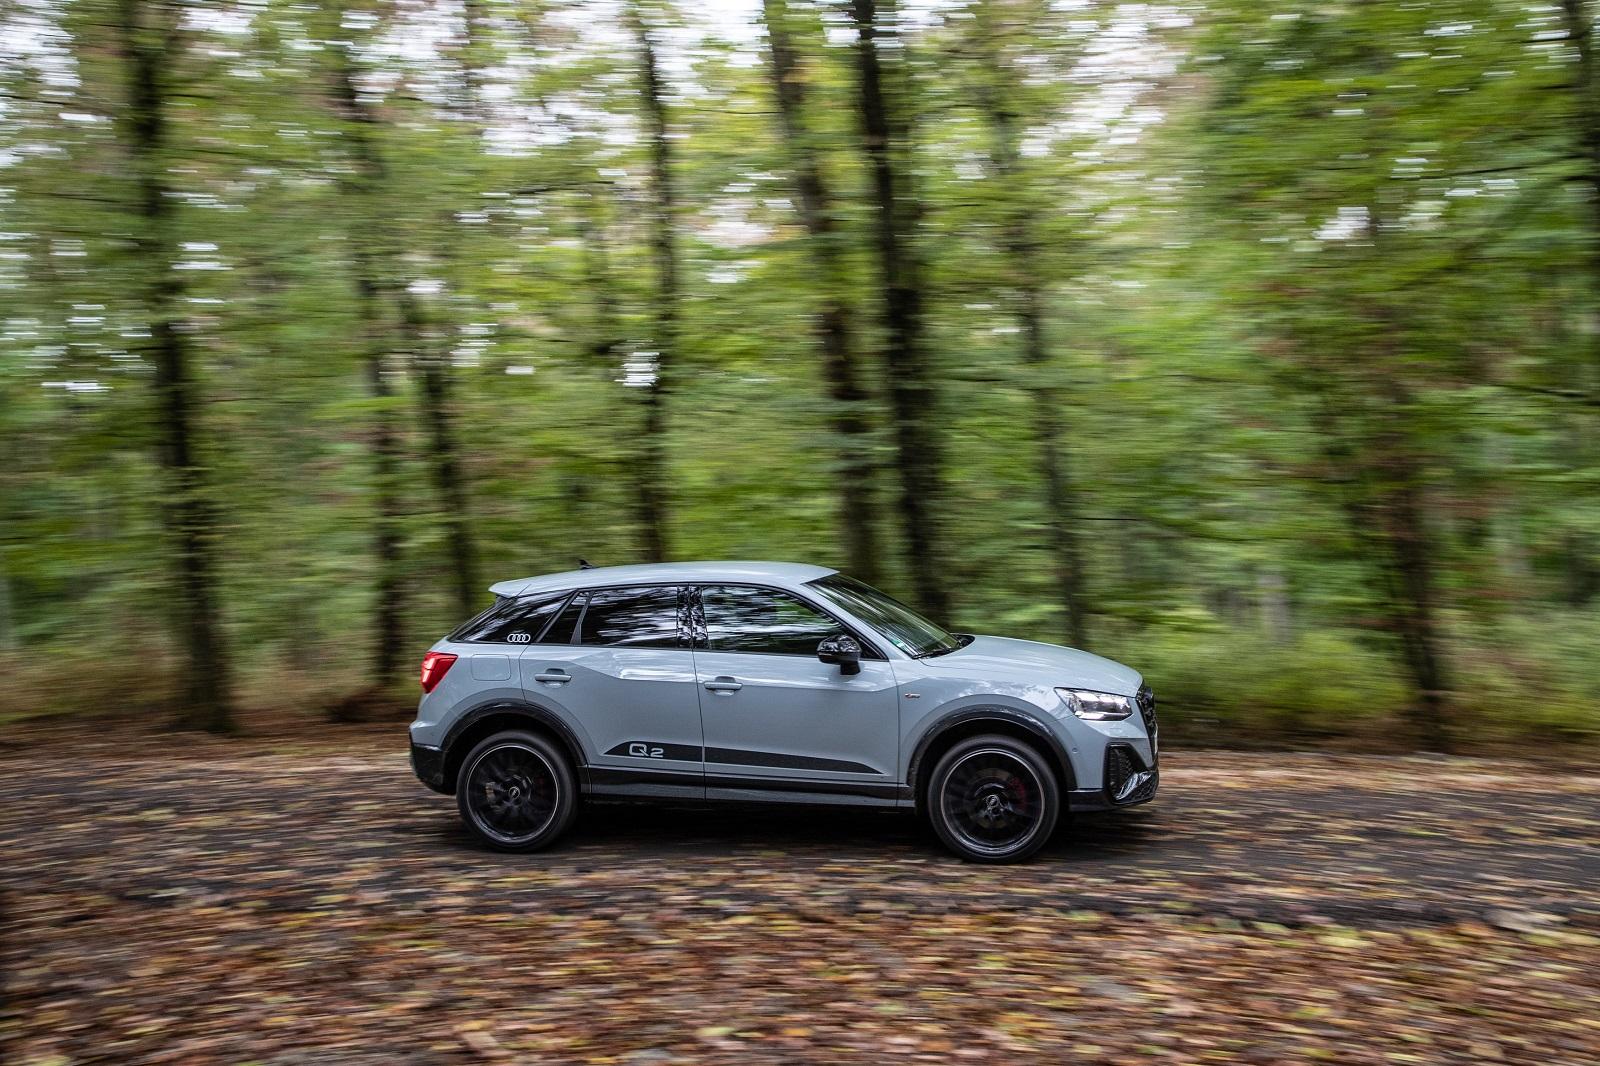 La nuova Audi Q2 2021. Il colore dell'auto in foto si chiama arrow gray